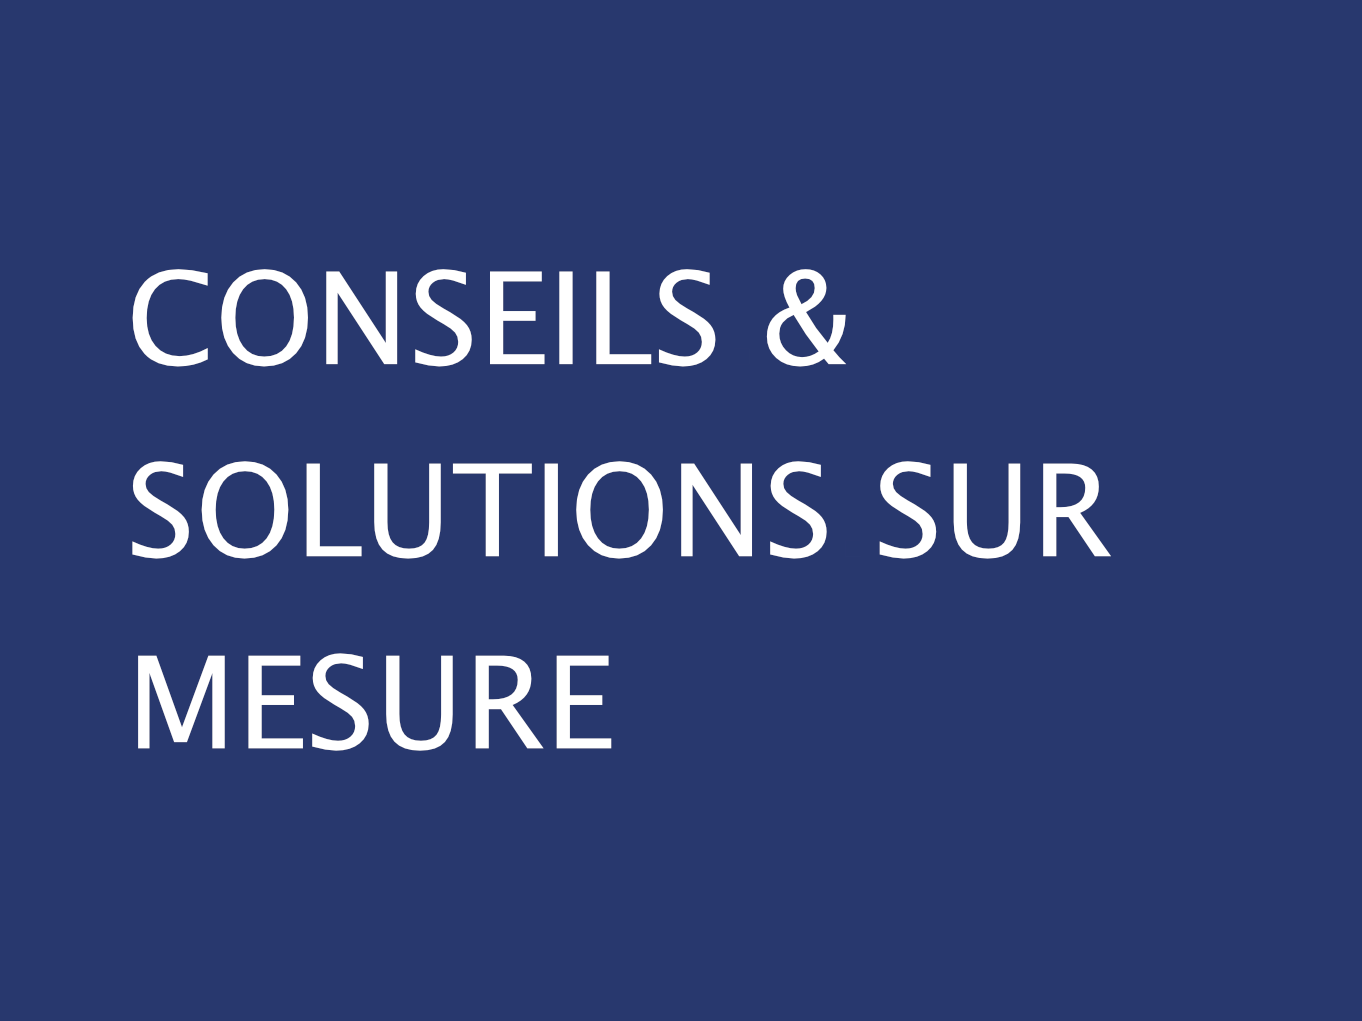 CONSEILS SOLUTIONS SUR MESURE GWCM